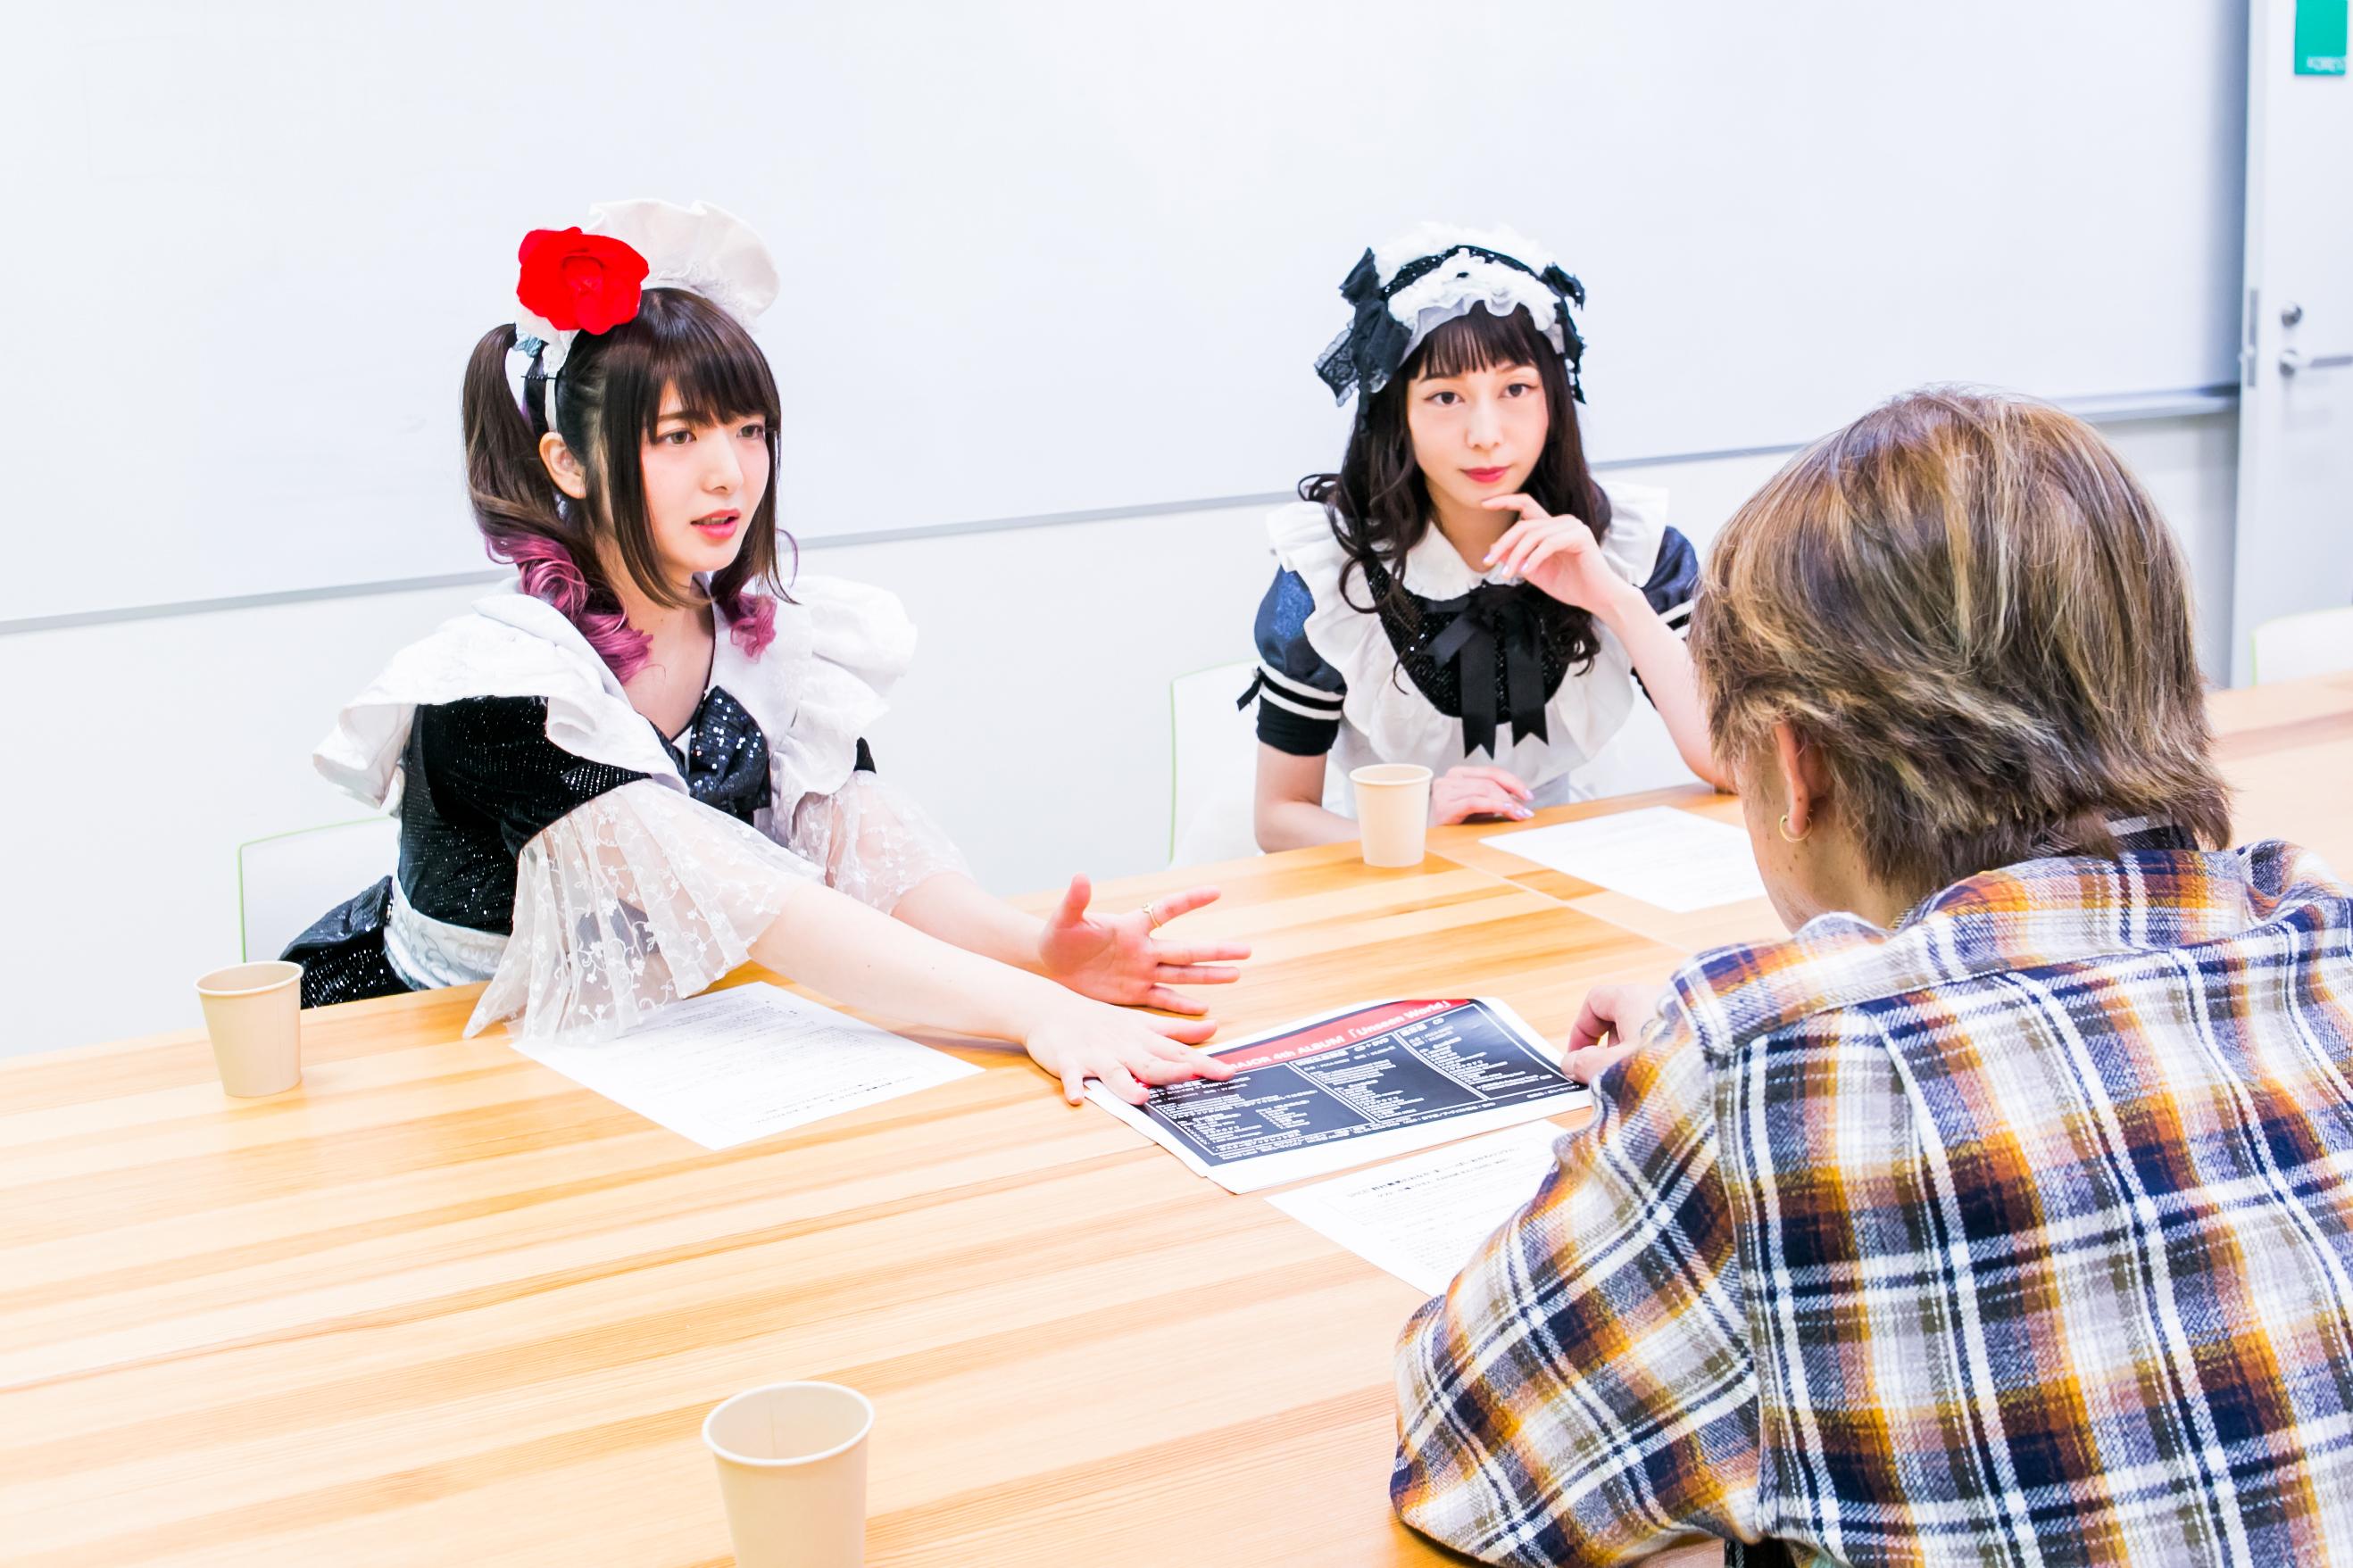 小鳩ミク / KANAMI